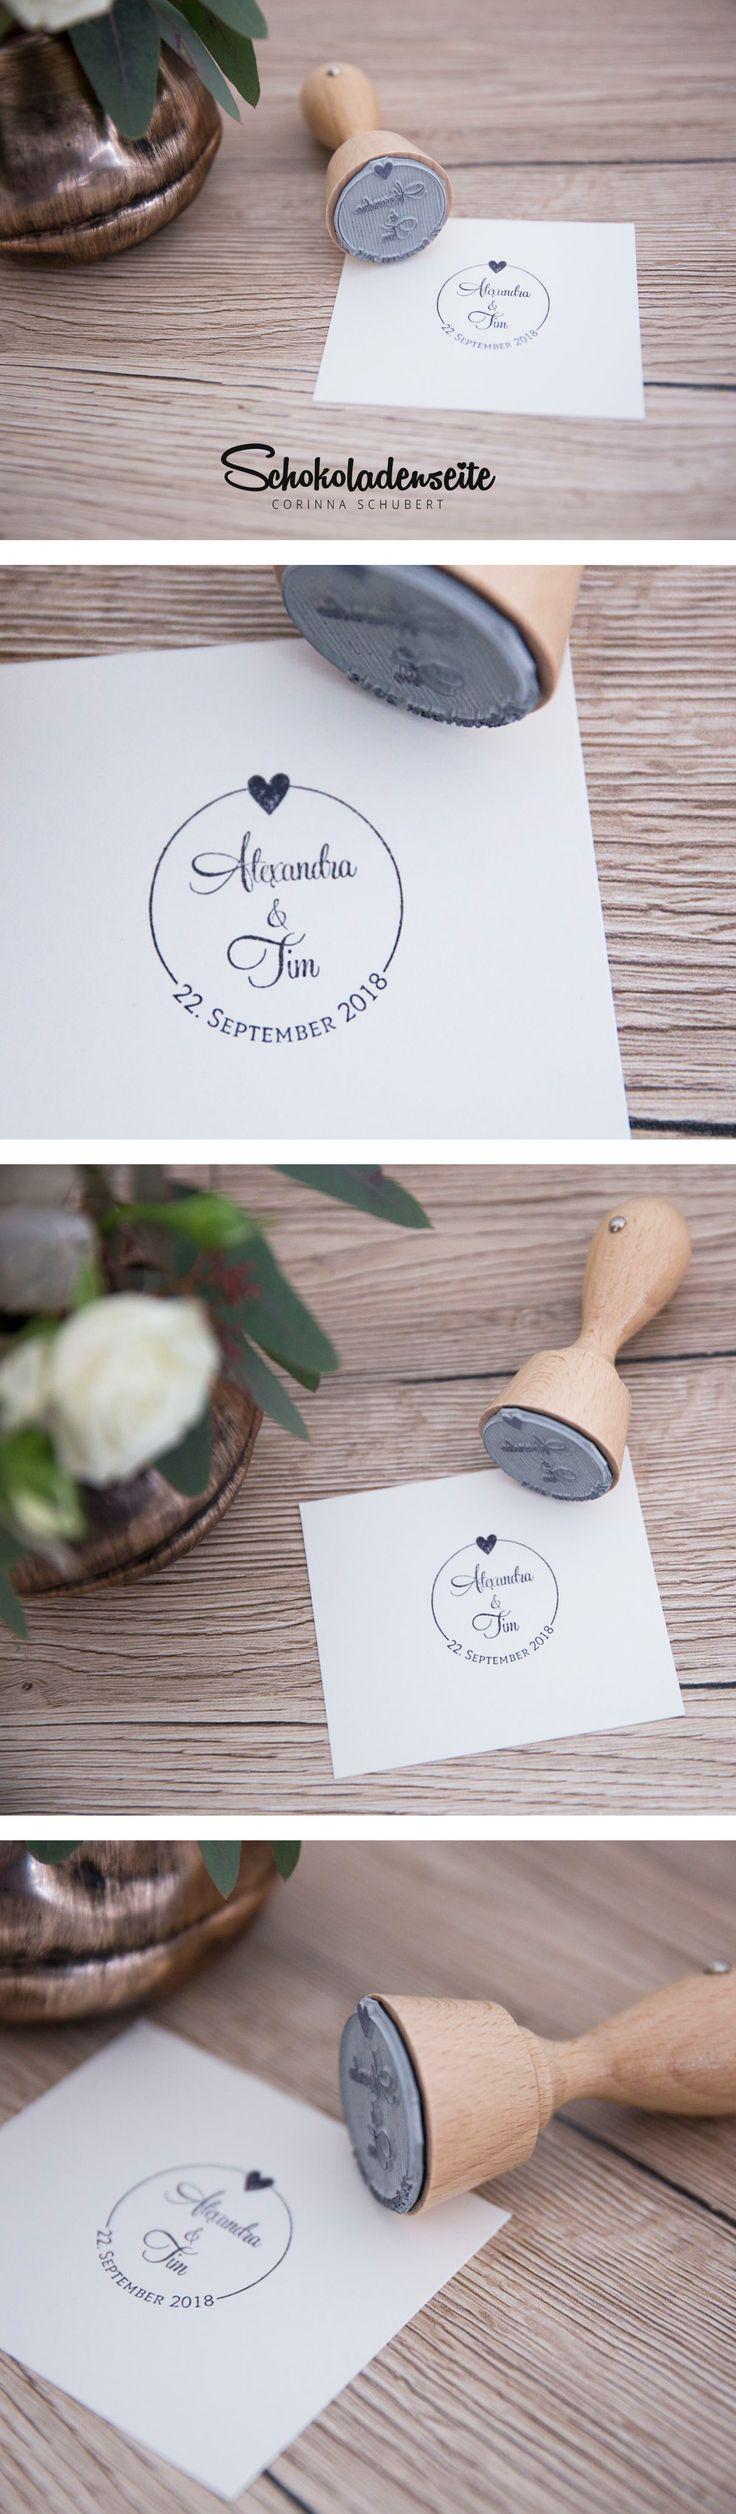 Unsere Hochzeitslogos sind der Begleiter für Eure Liebe. In vielen verschiedenen Designs und zum Teil auch mit der Option einen Stempel daraus fertigen zu lassen. #hochzeit #love #logo #hochzeit #weddingbrand